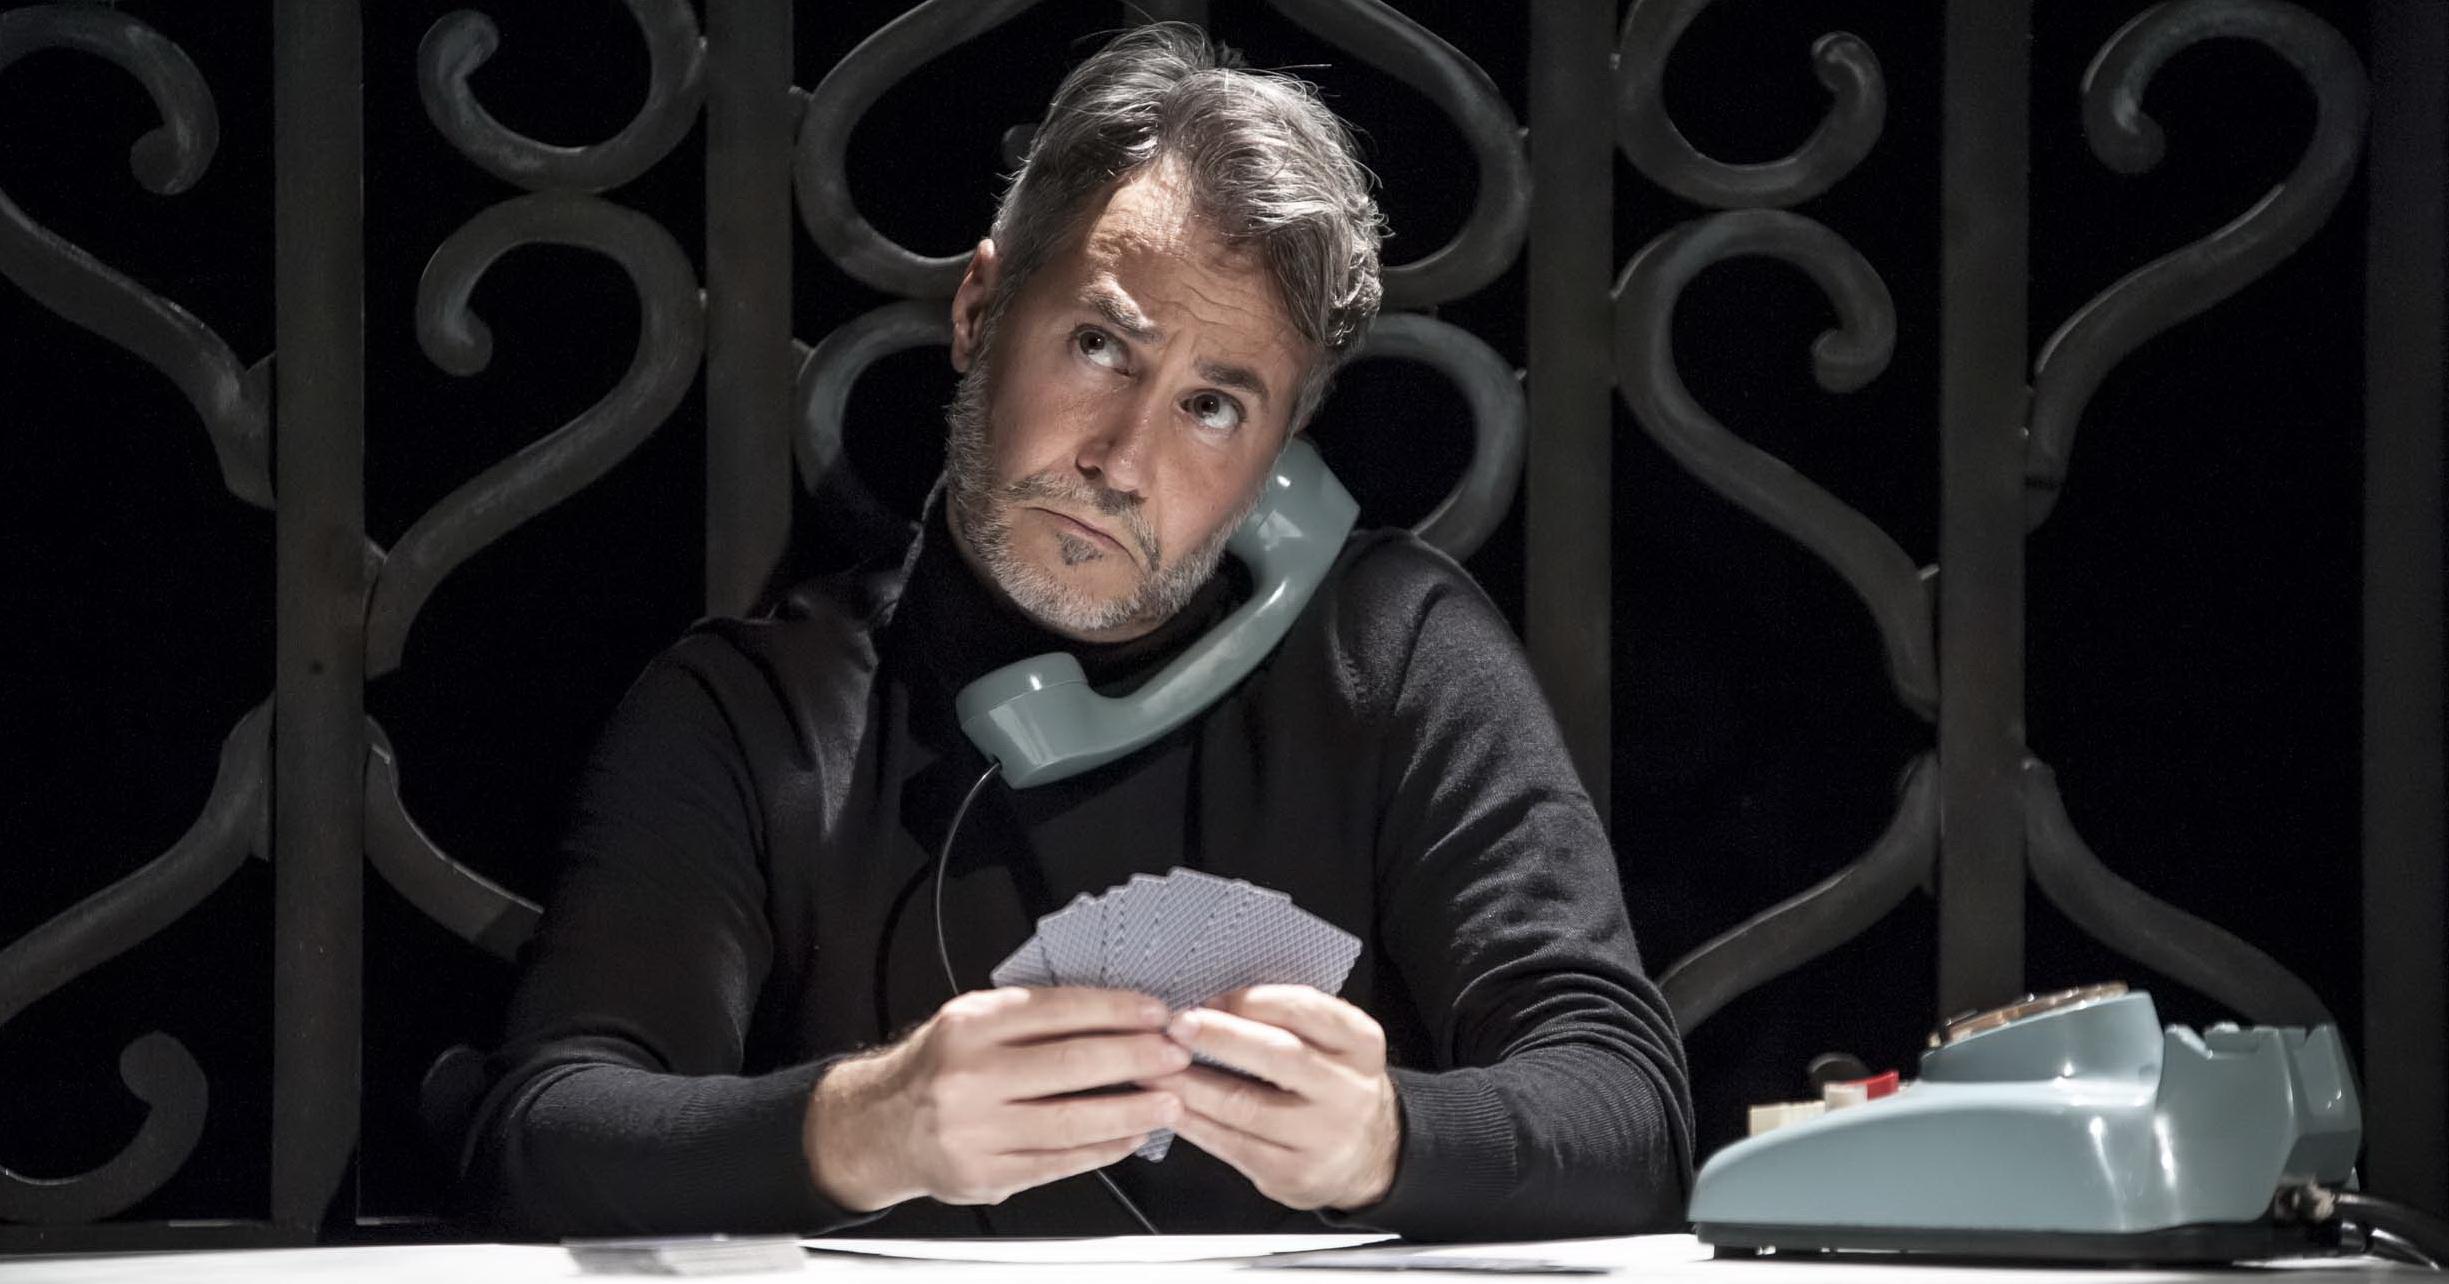 Dopo le repliche dello scorso aprile al Teatro Brancaccino, è tornato a Roma, dal 3 al 13 novembre al Cometa Off, lo spettacolo Pianoforte vendesi, tratto dall'omonimo racconto di Andrea […]